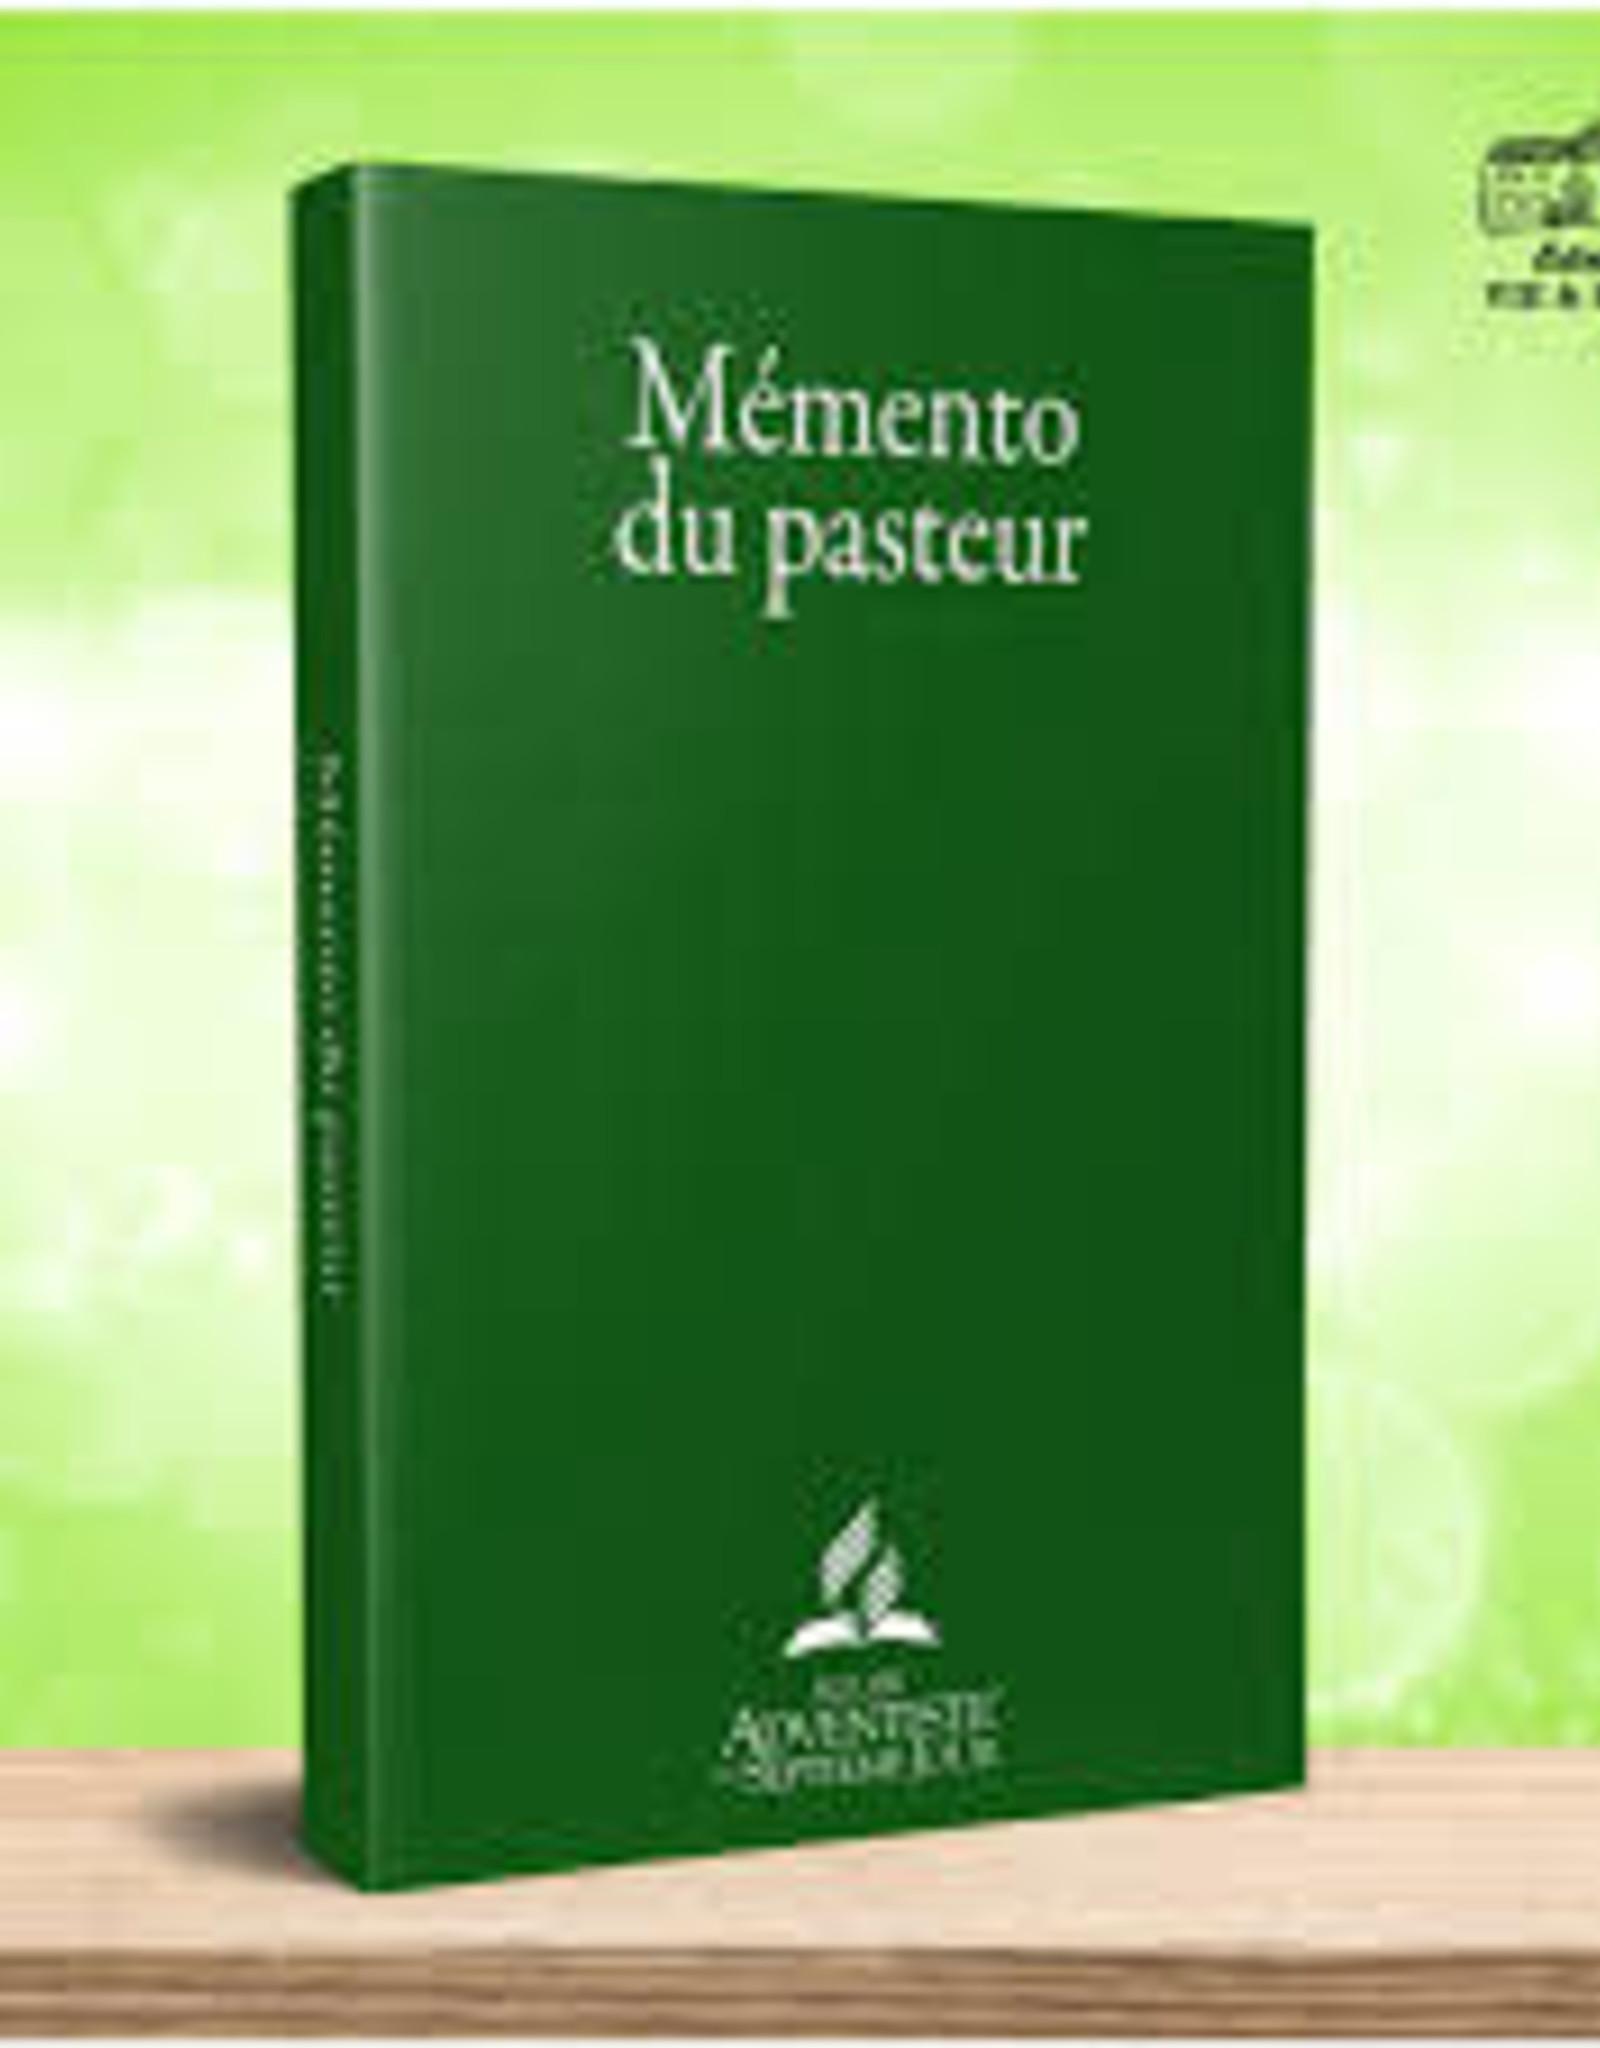 Église Adventiste du 7ème Jour Mémento du Pasteur